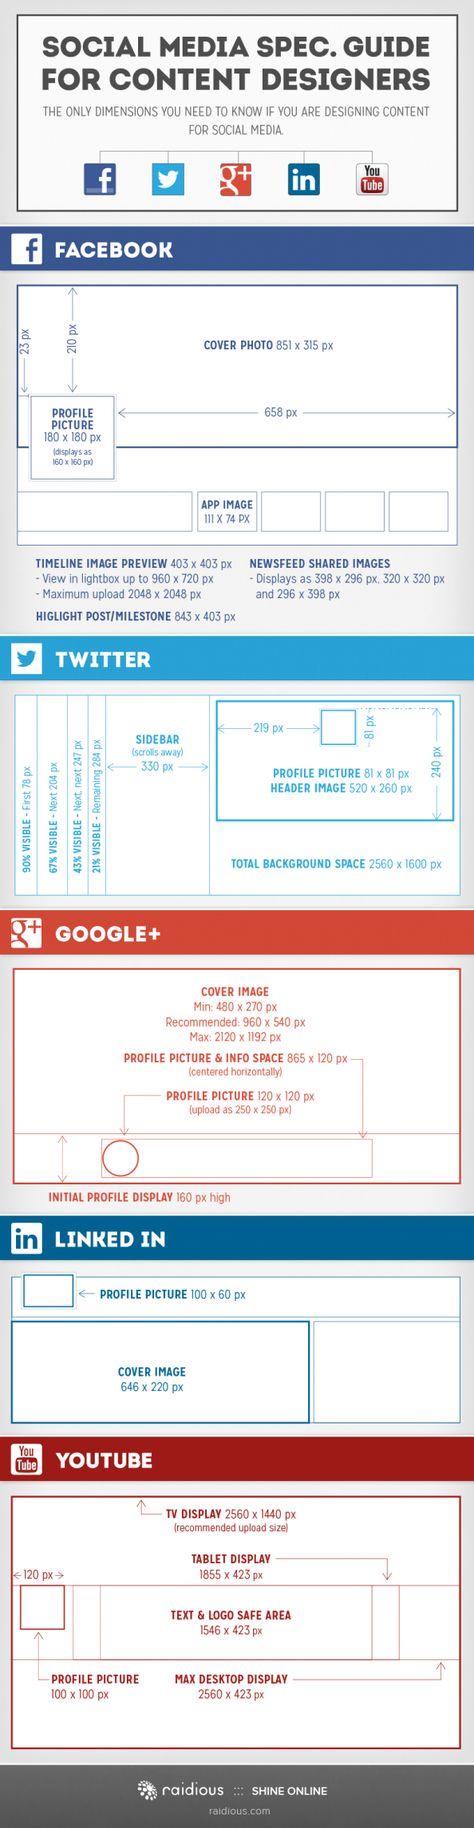 Social Media Spec Guide